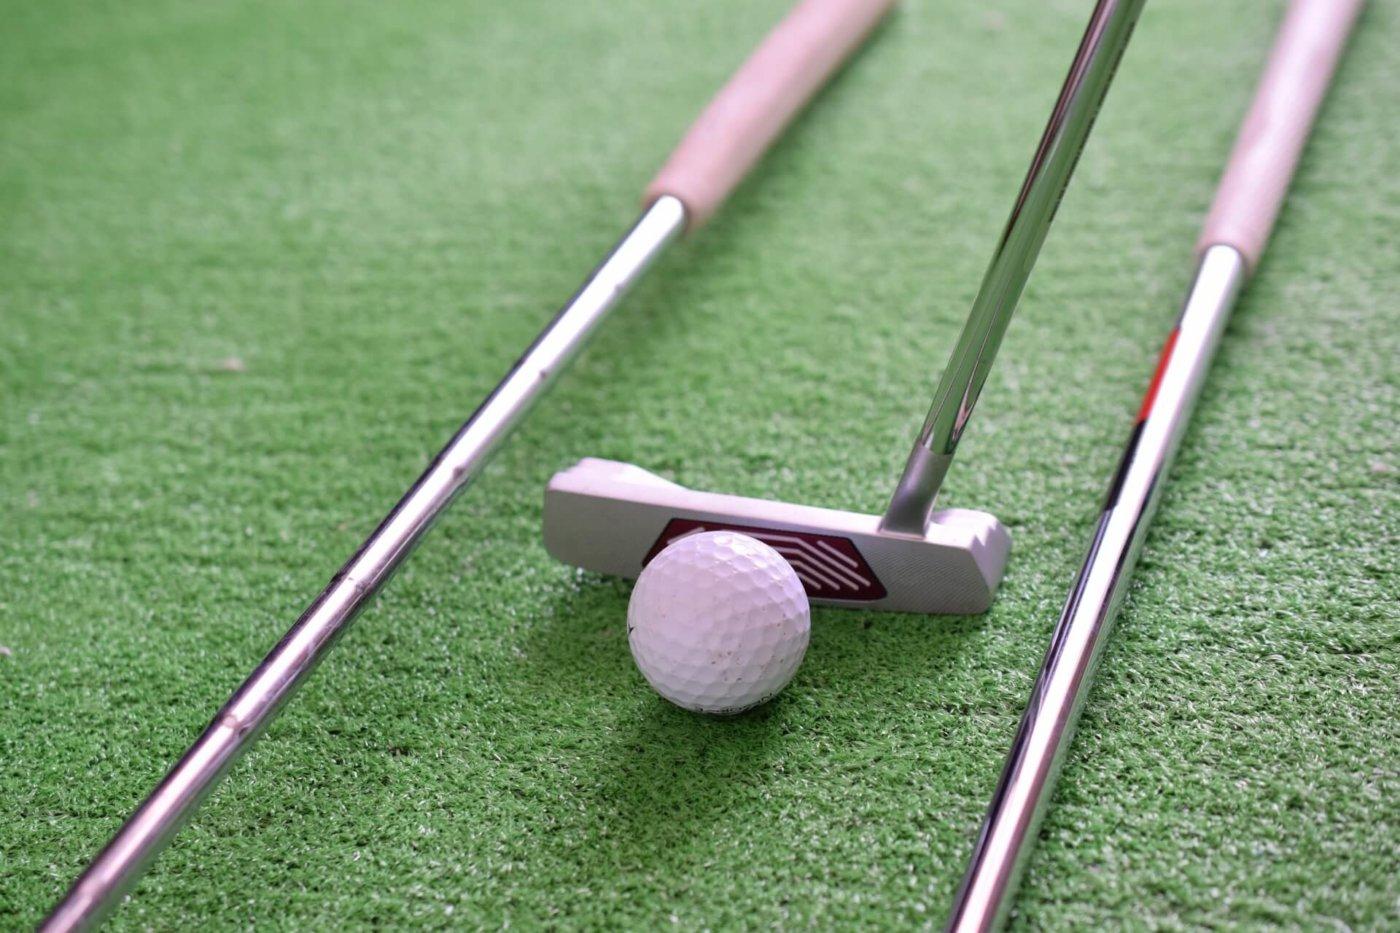 ゴルフを始めたい!初心者がゴルフを上達する為には?